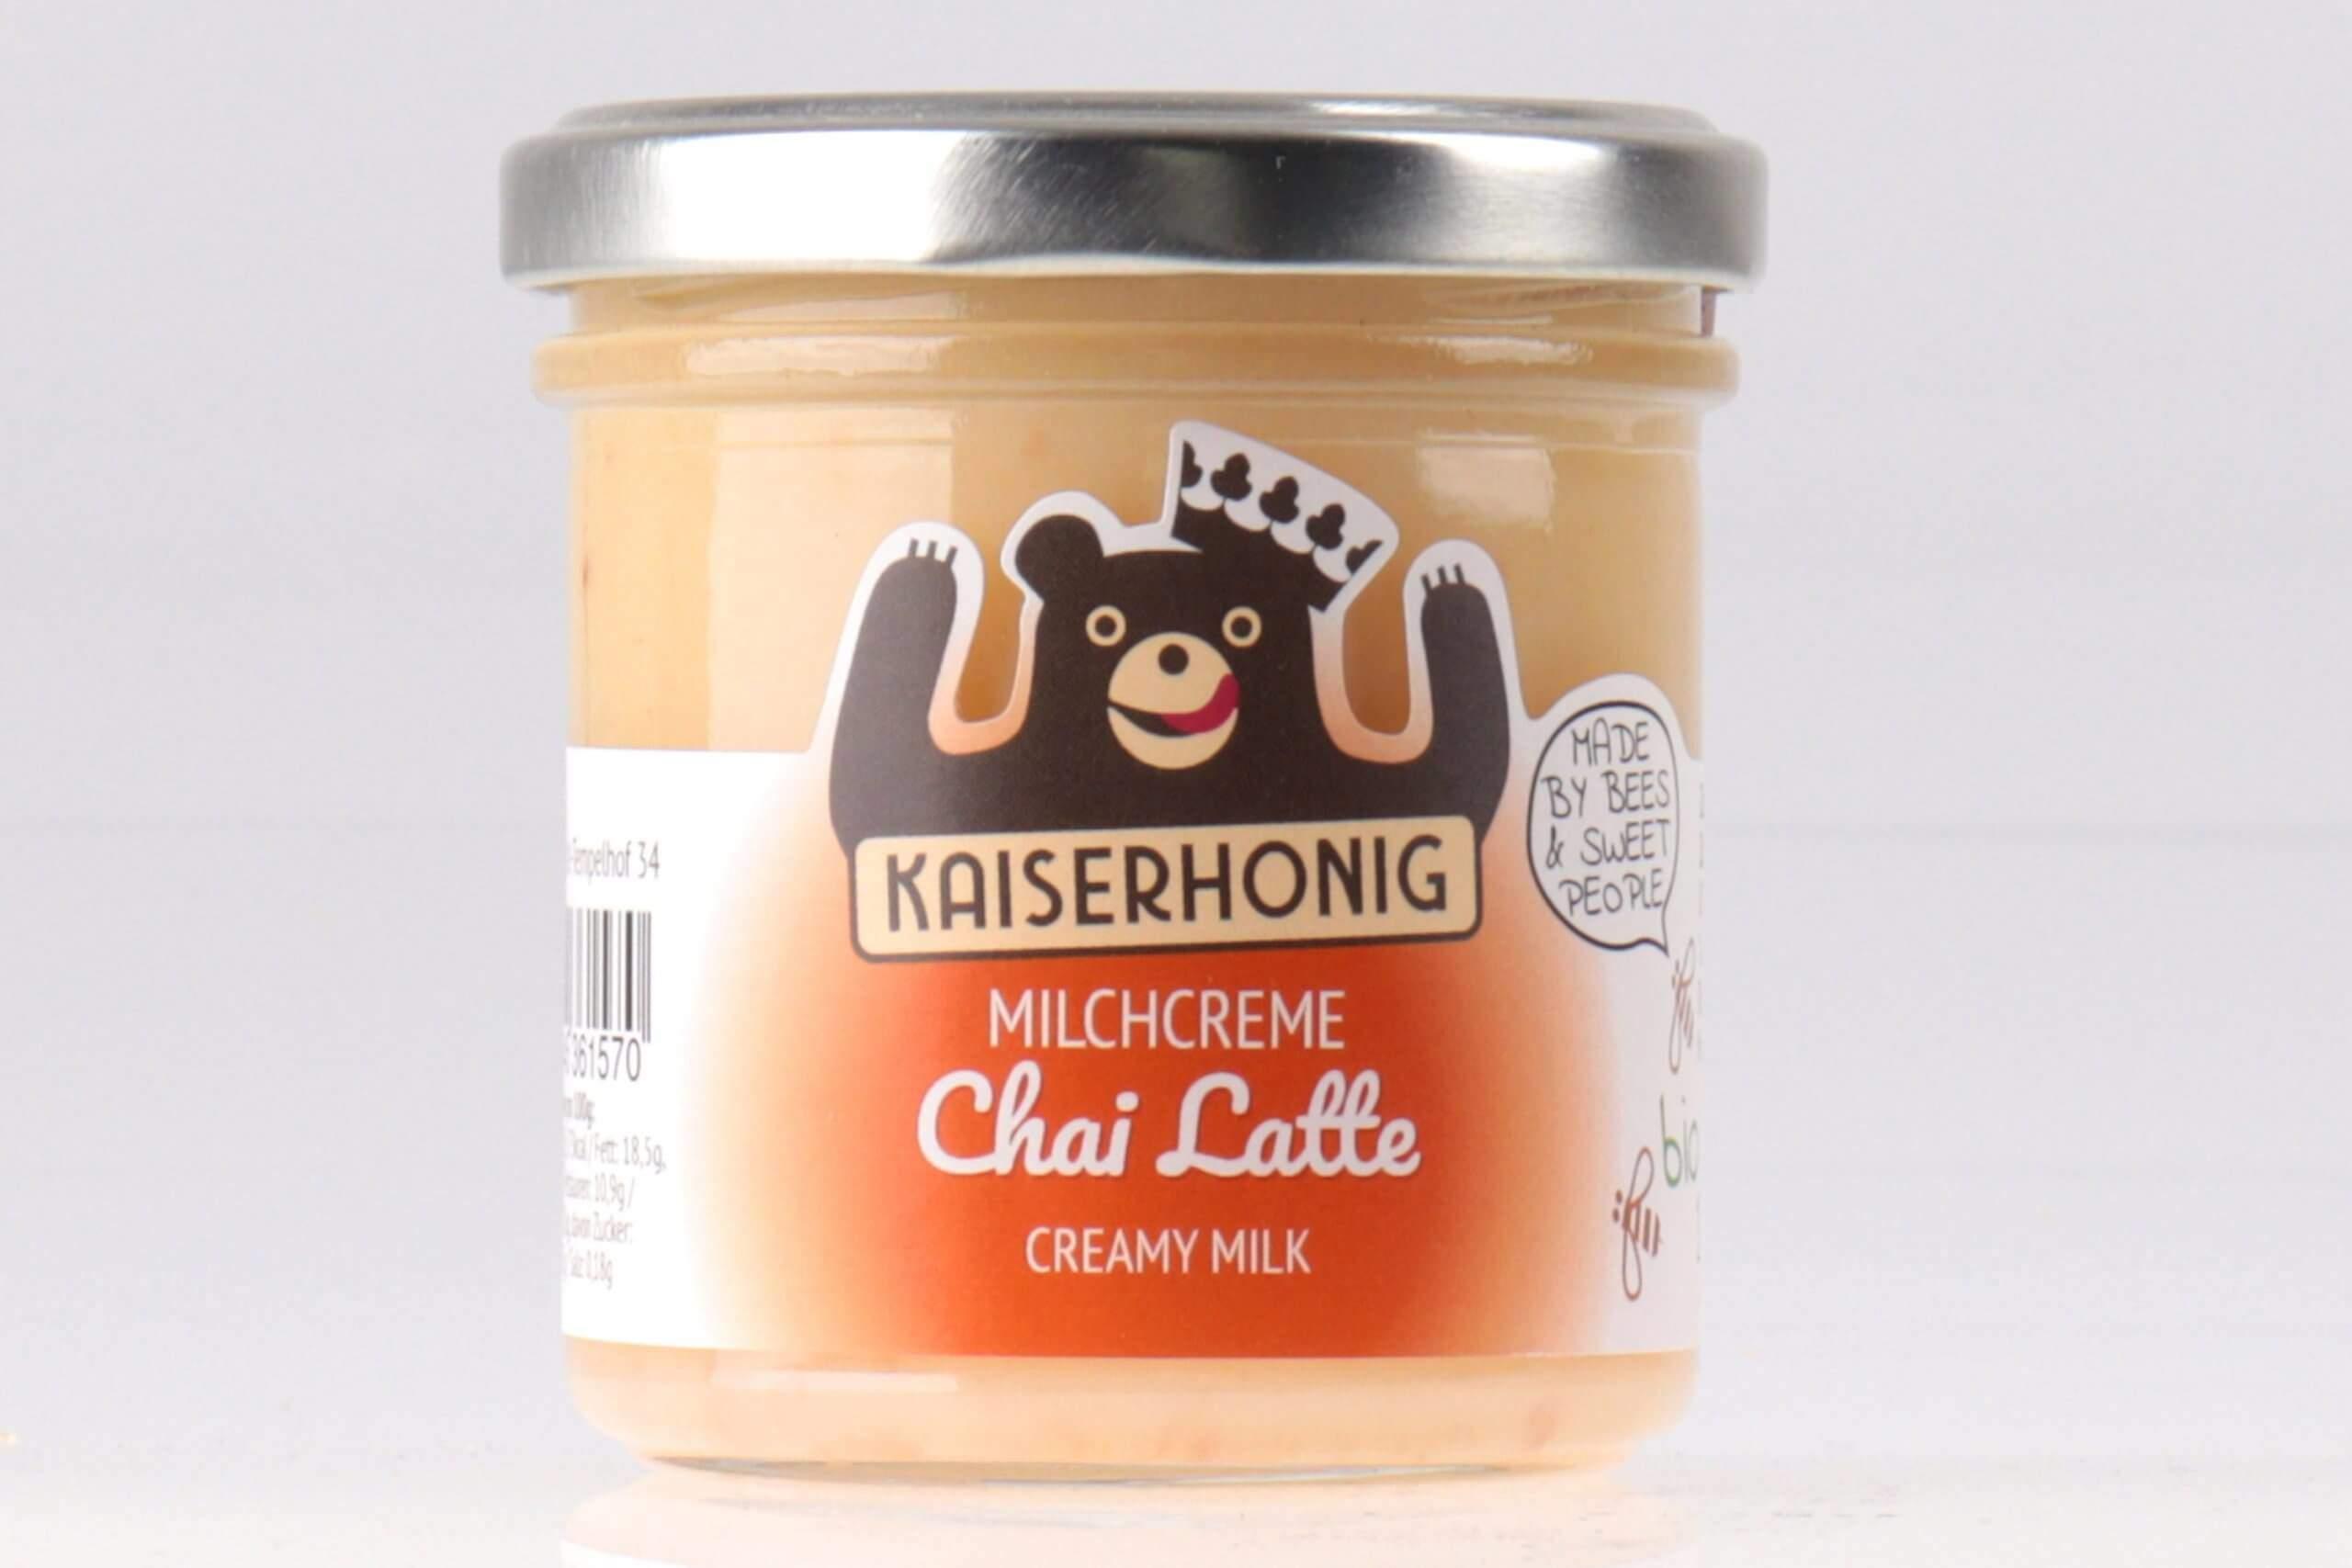 Chai Latte Bio Milchcreme feinjemacht online kaufen